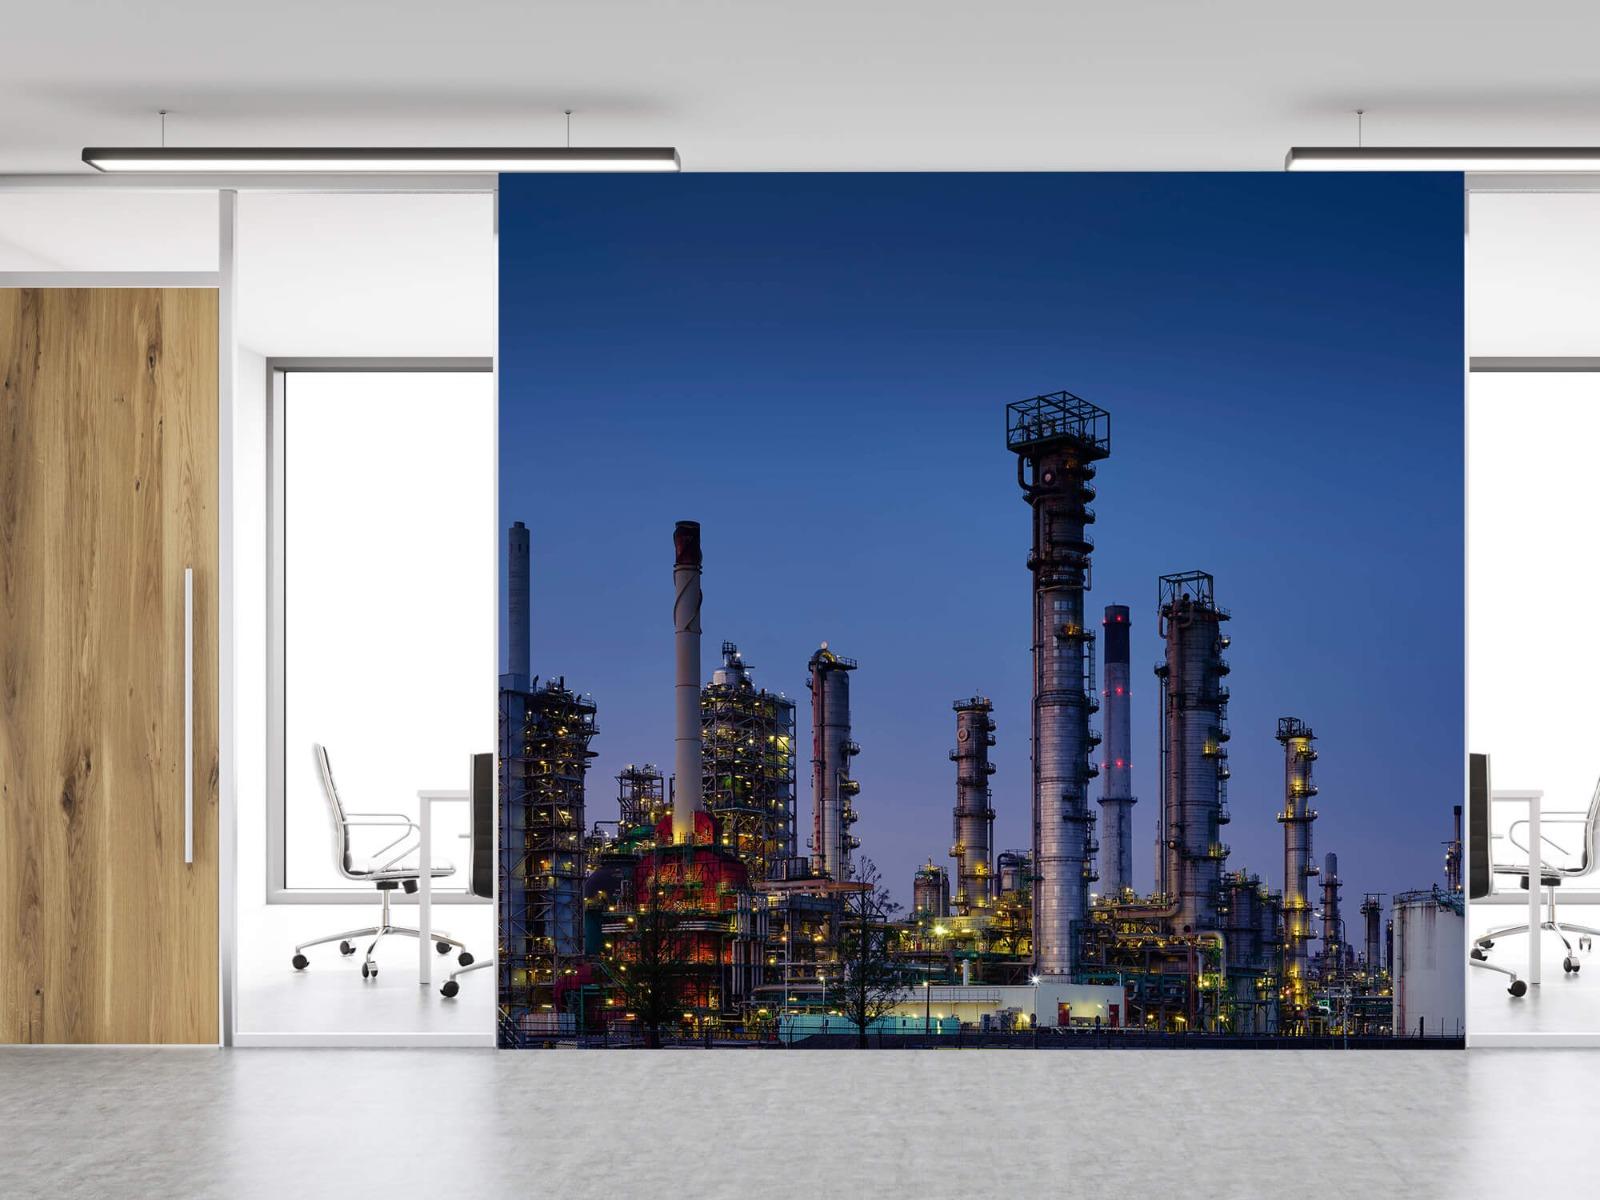 Steden behang - Industrie Botlek - Hobbykamer 11